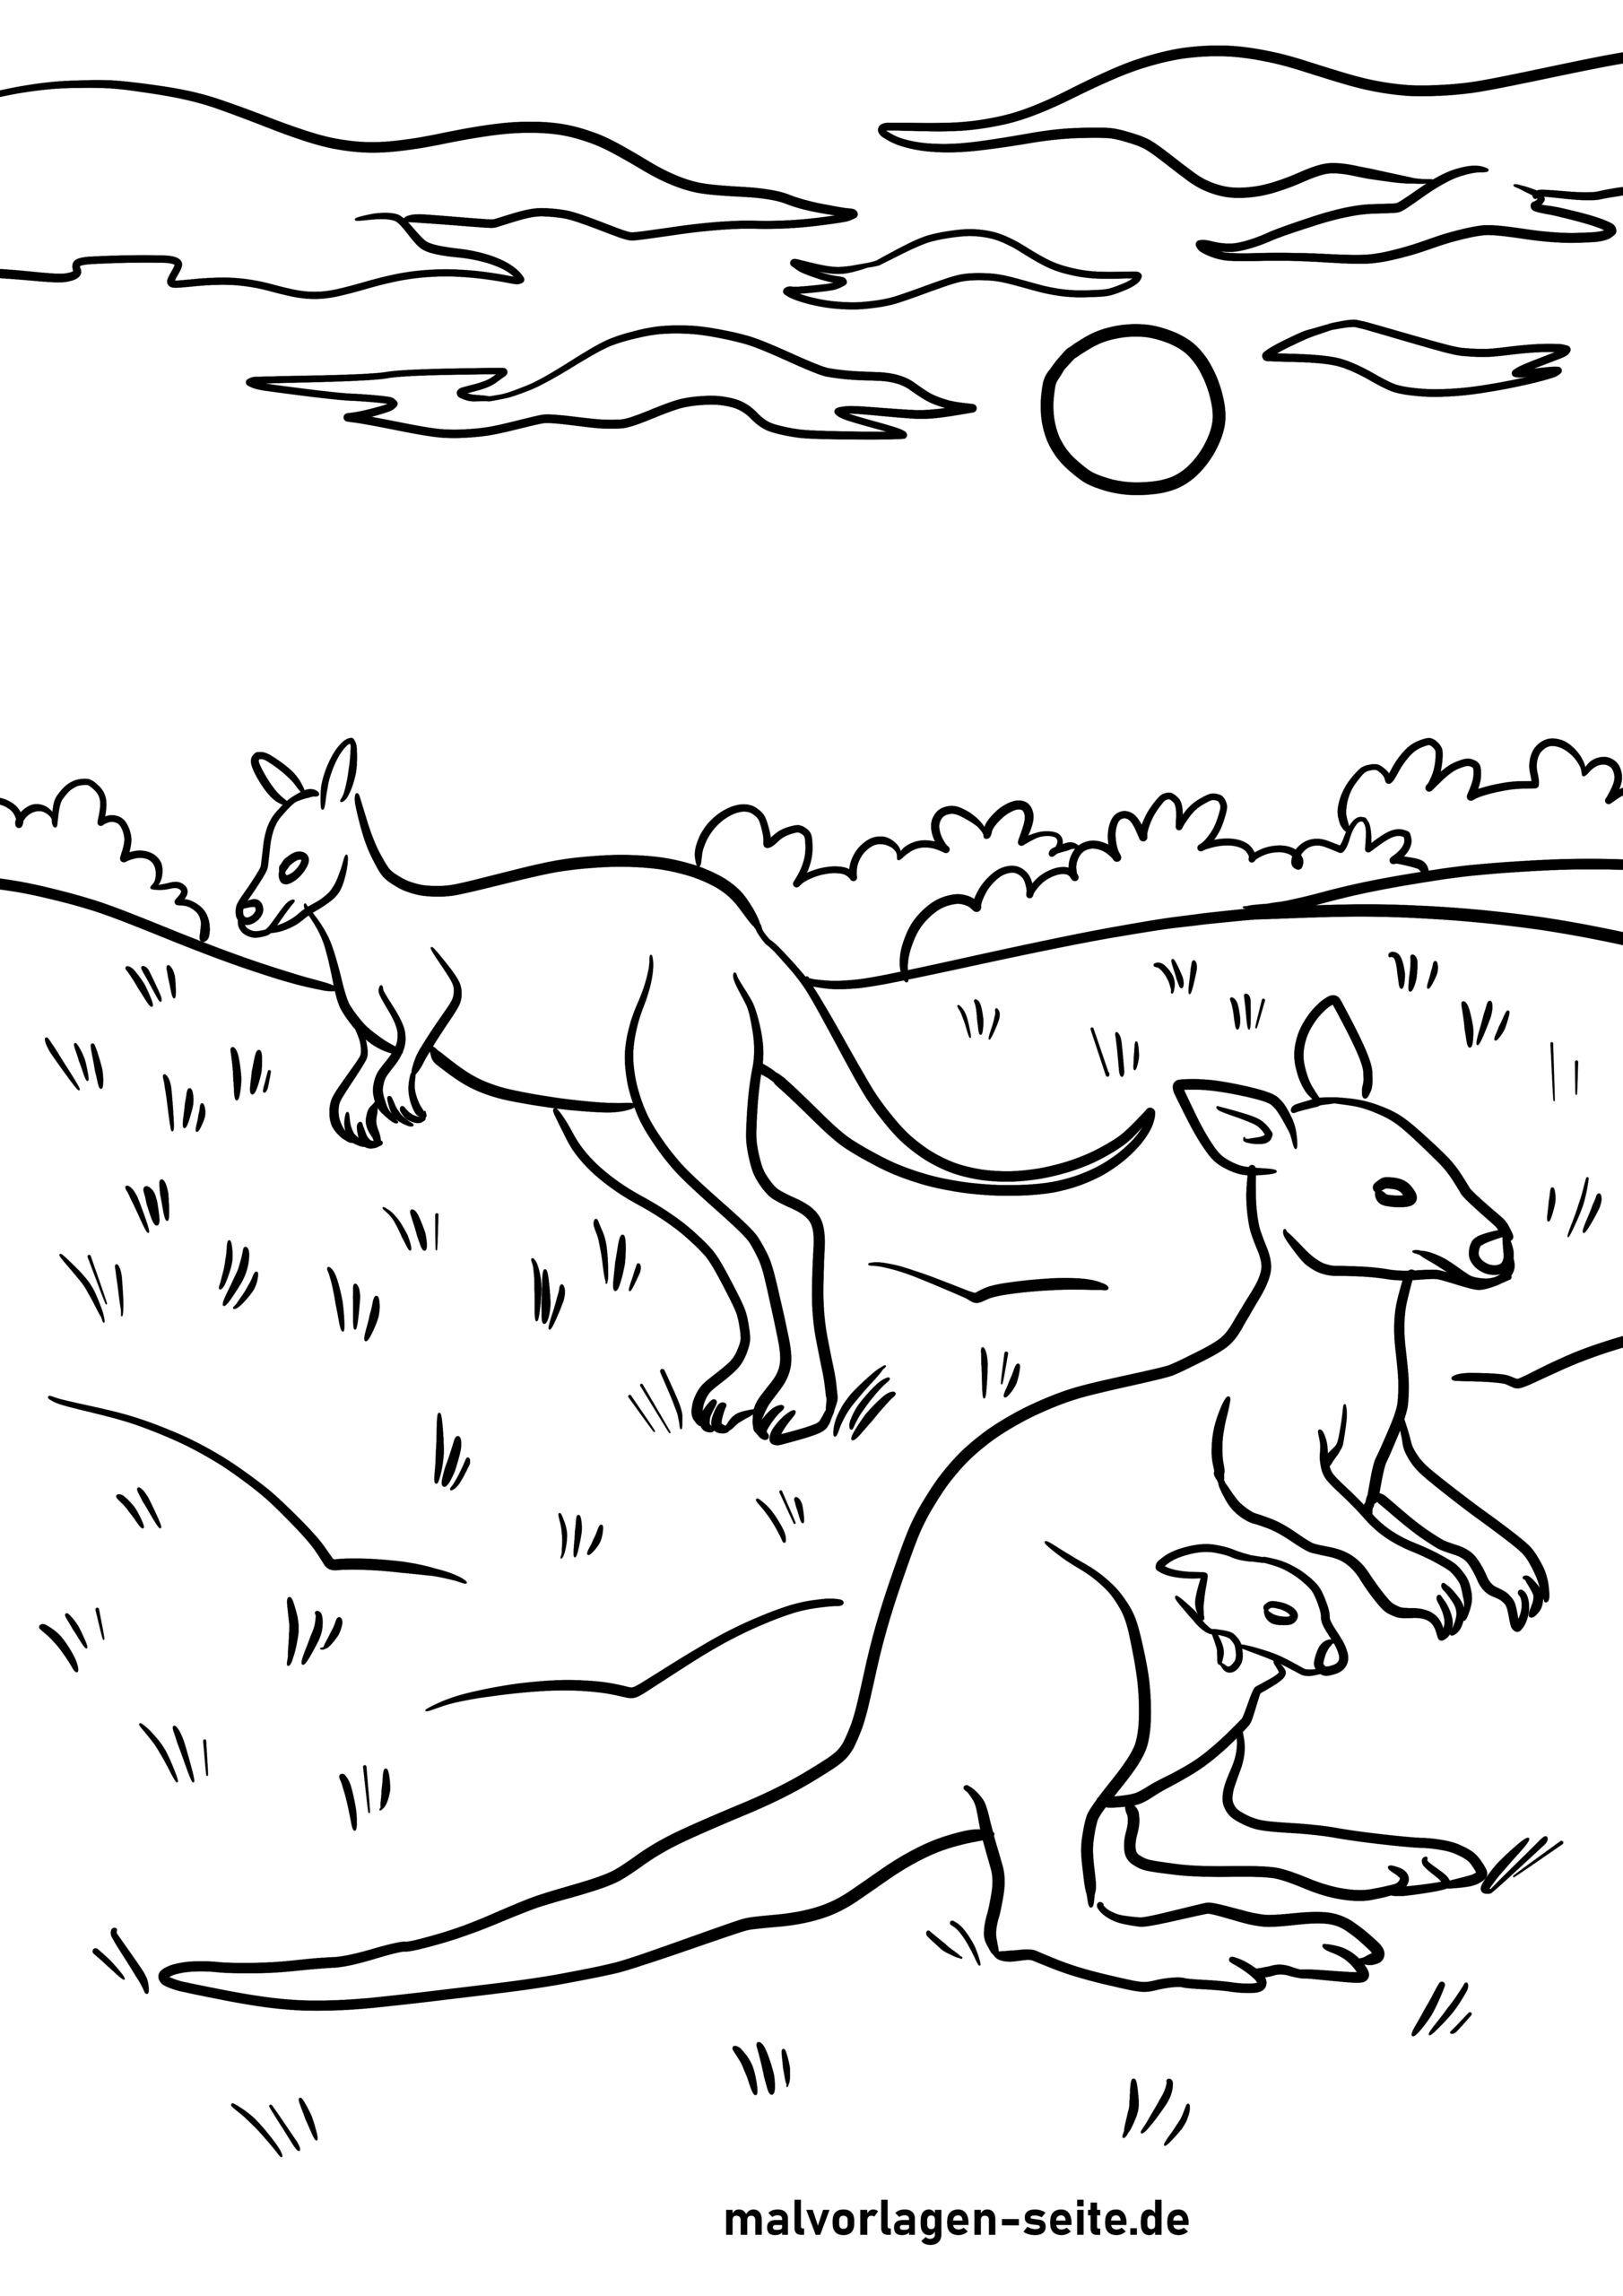 דף צביעה קנגורו